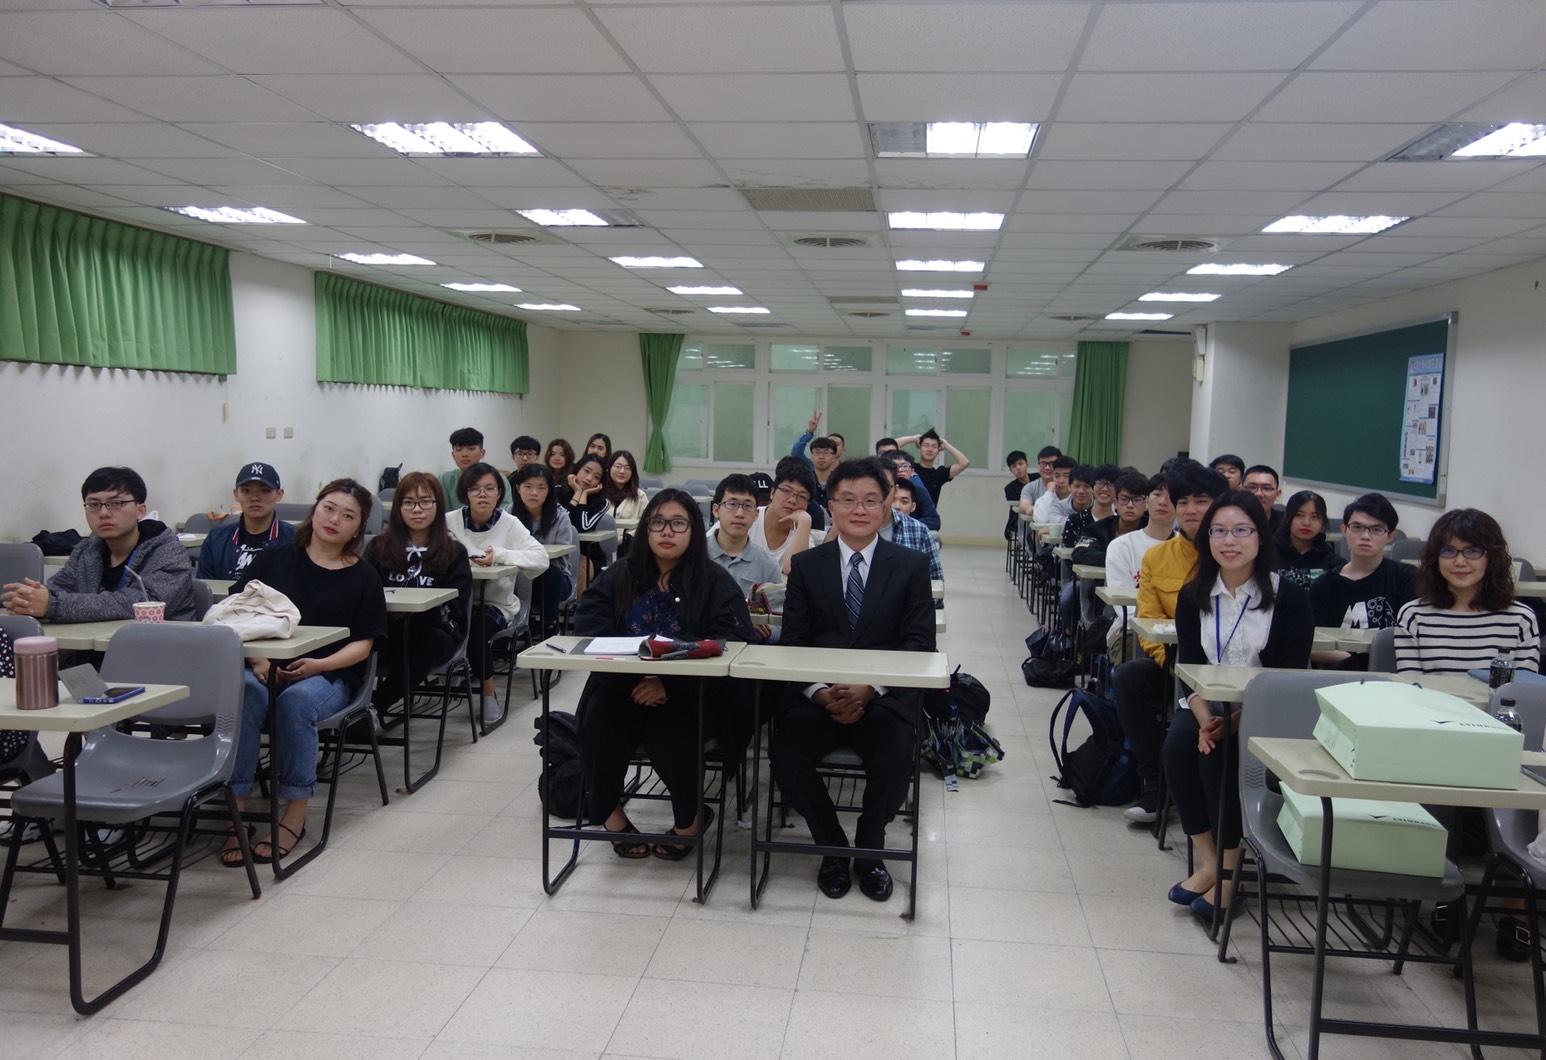 圖片說明-本行40週年行慶「向上成長,向下扎根」活動-至中華大學演講「如何有效規避風險及新南向國家介紹」